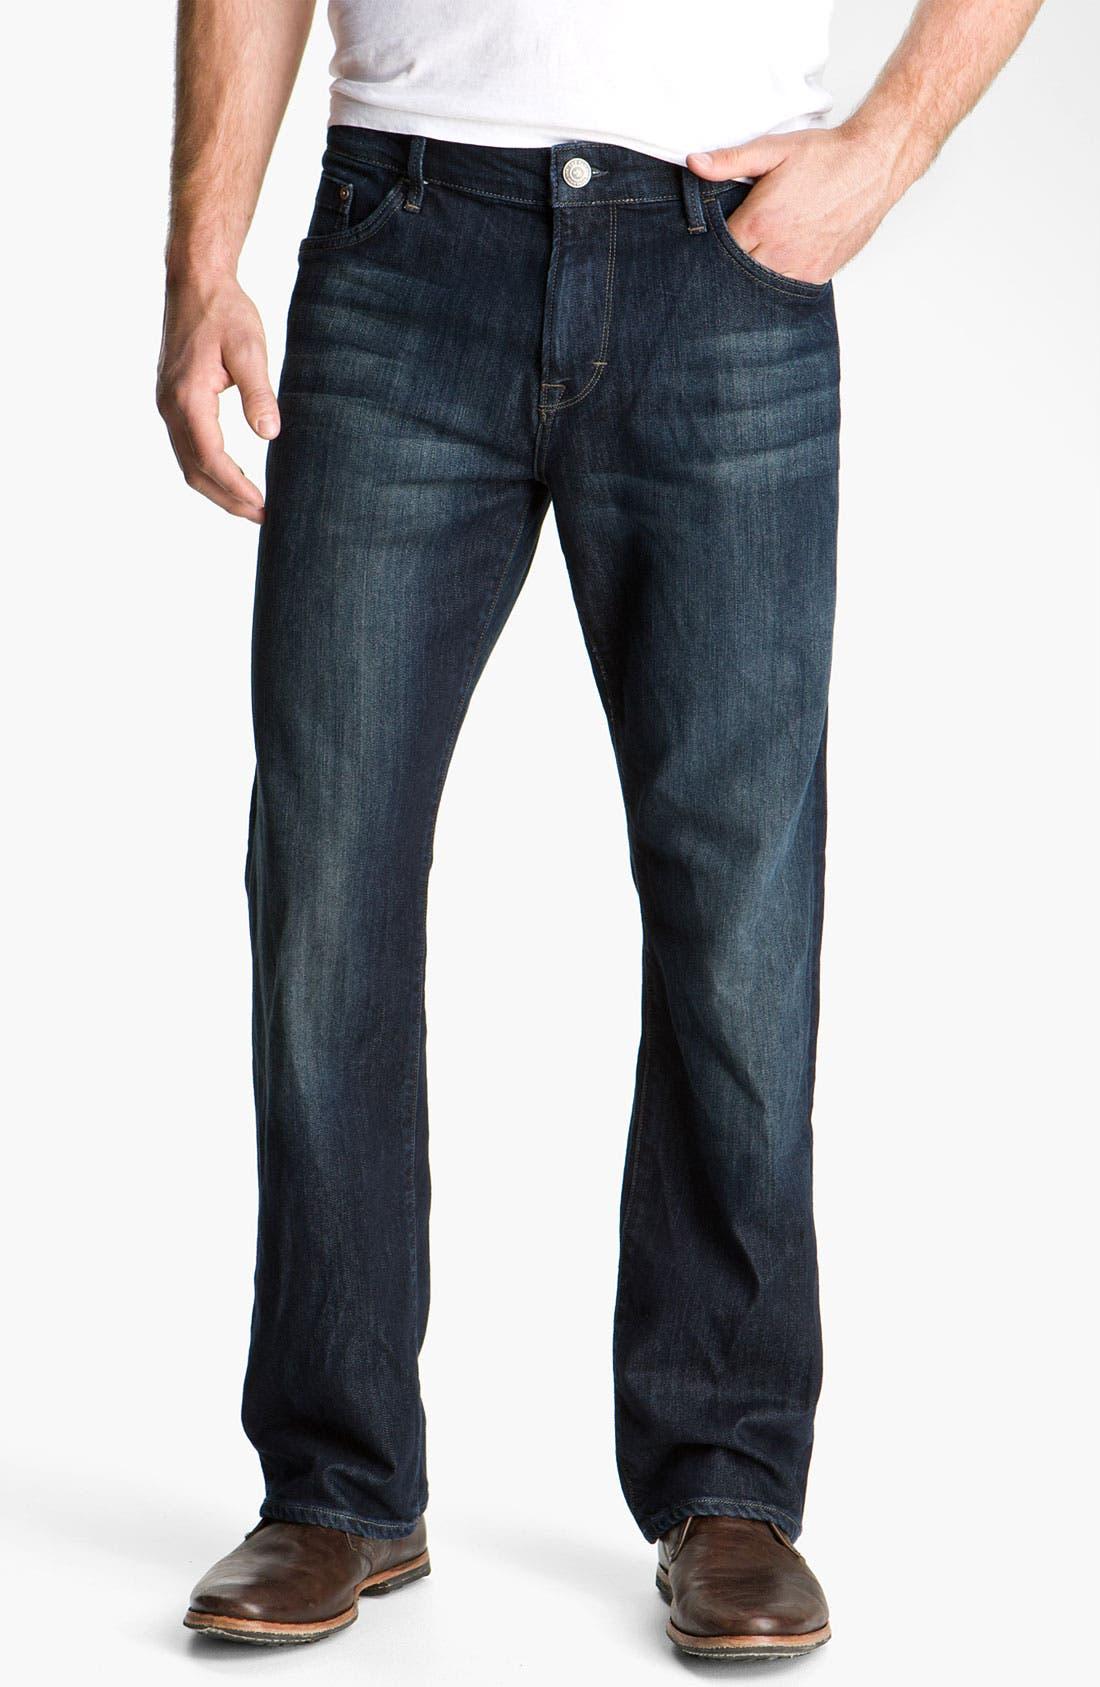 men's jeans, skinny, straight and dark denim | nordstrom